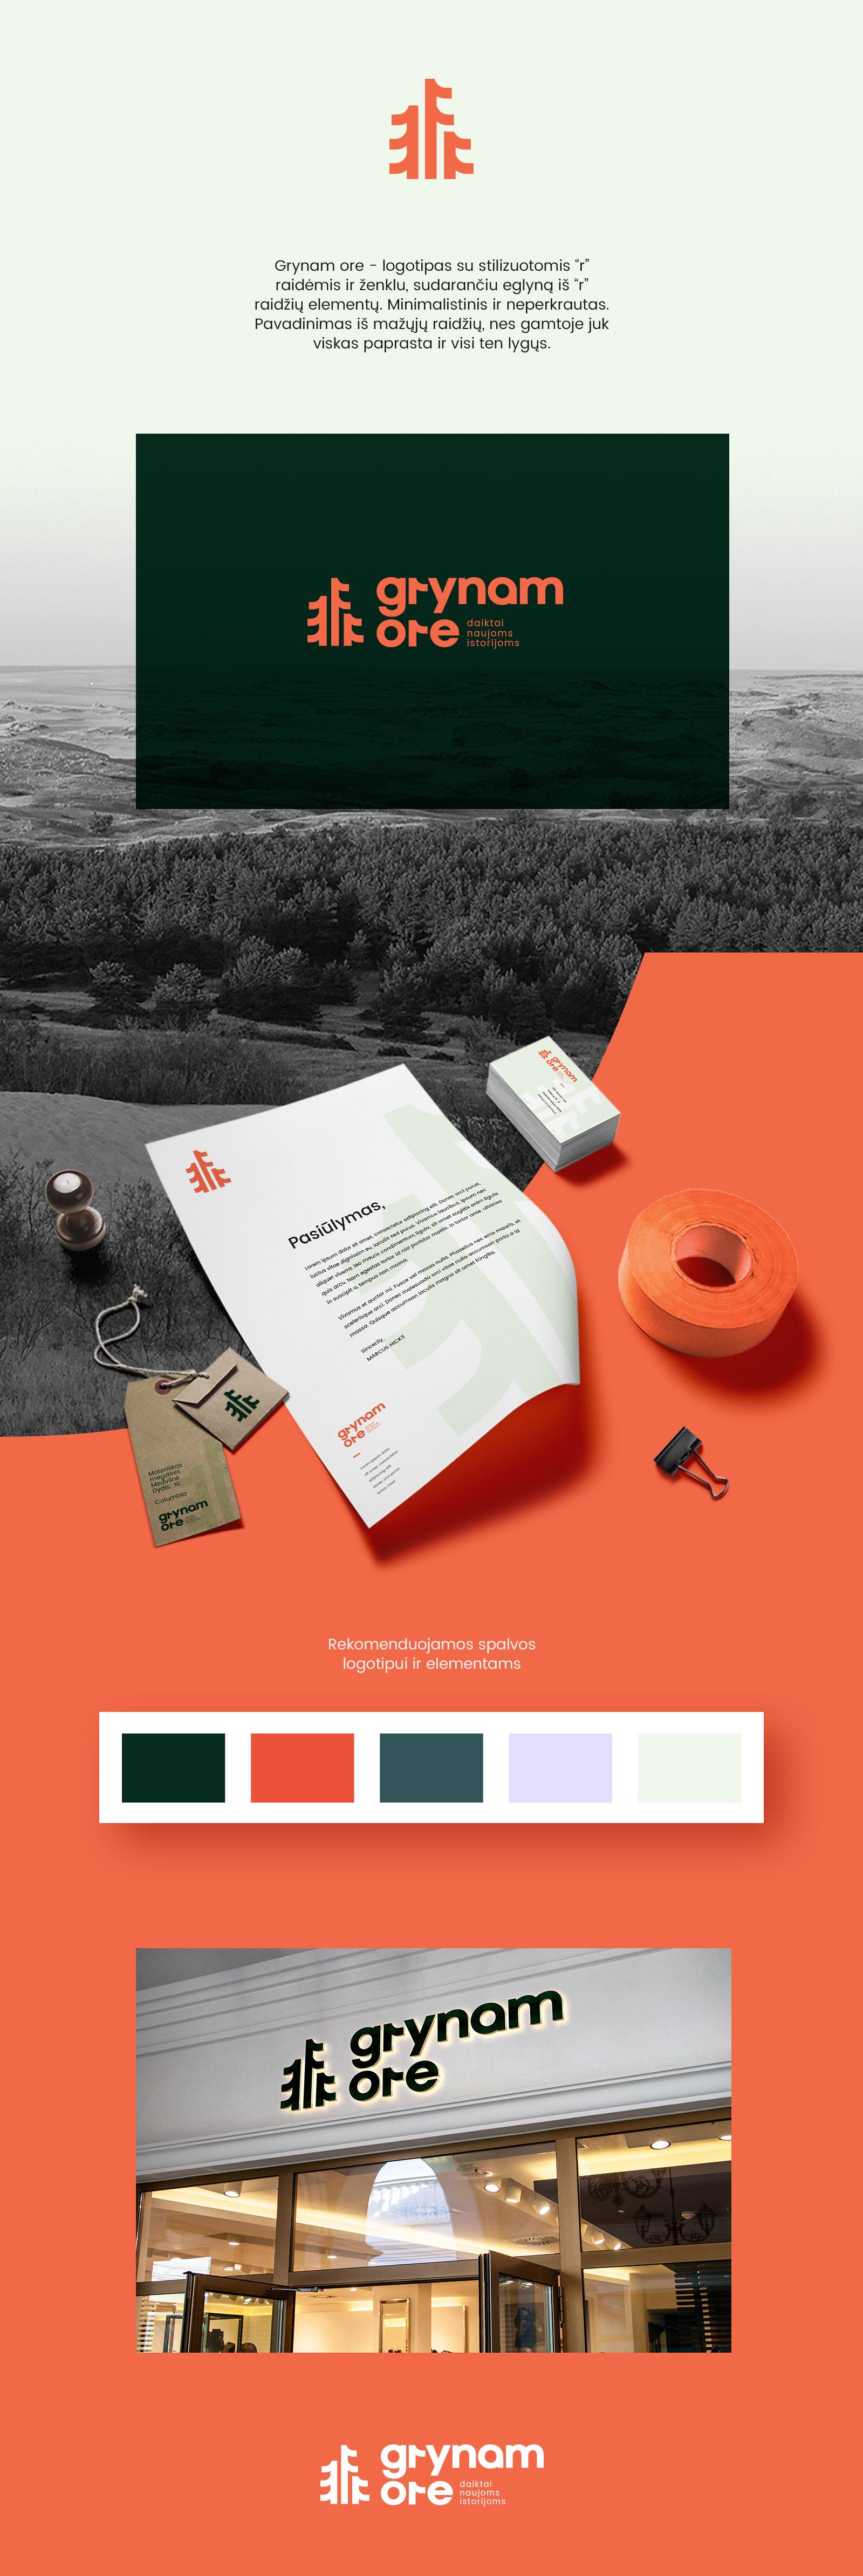 Grafikos-dizaineris-Klaipeda-grynam-ore-parduotuves-logotipas-prekes-zenklas-dizaineris-klaipedoje-PORTFOLIO